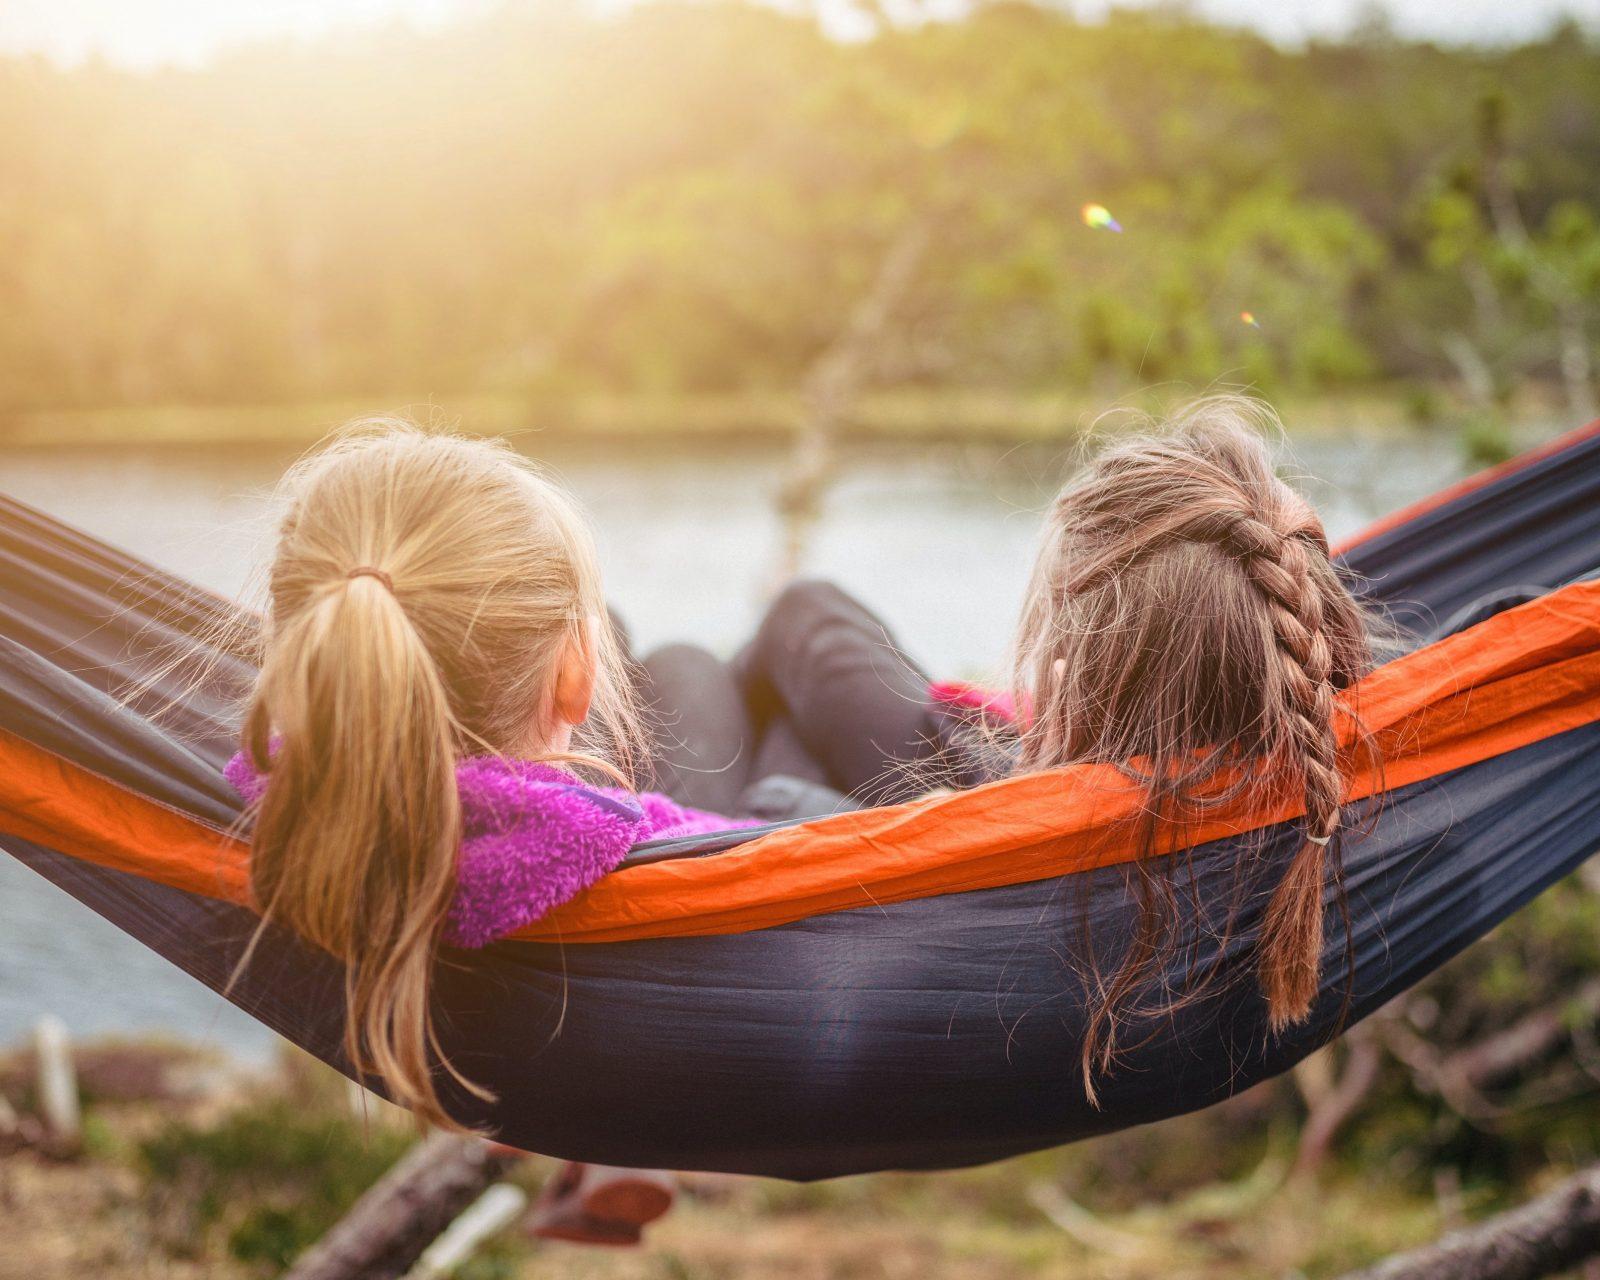 Kaksi henkilö istuu vierekkäin ulkona riippumatossa.